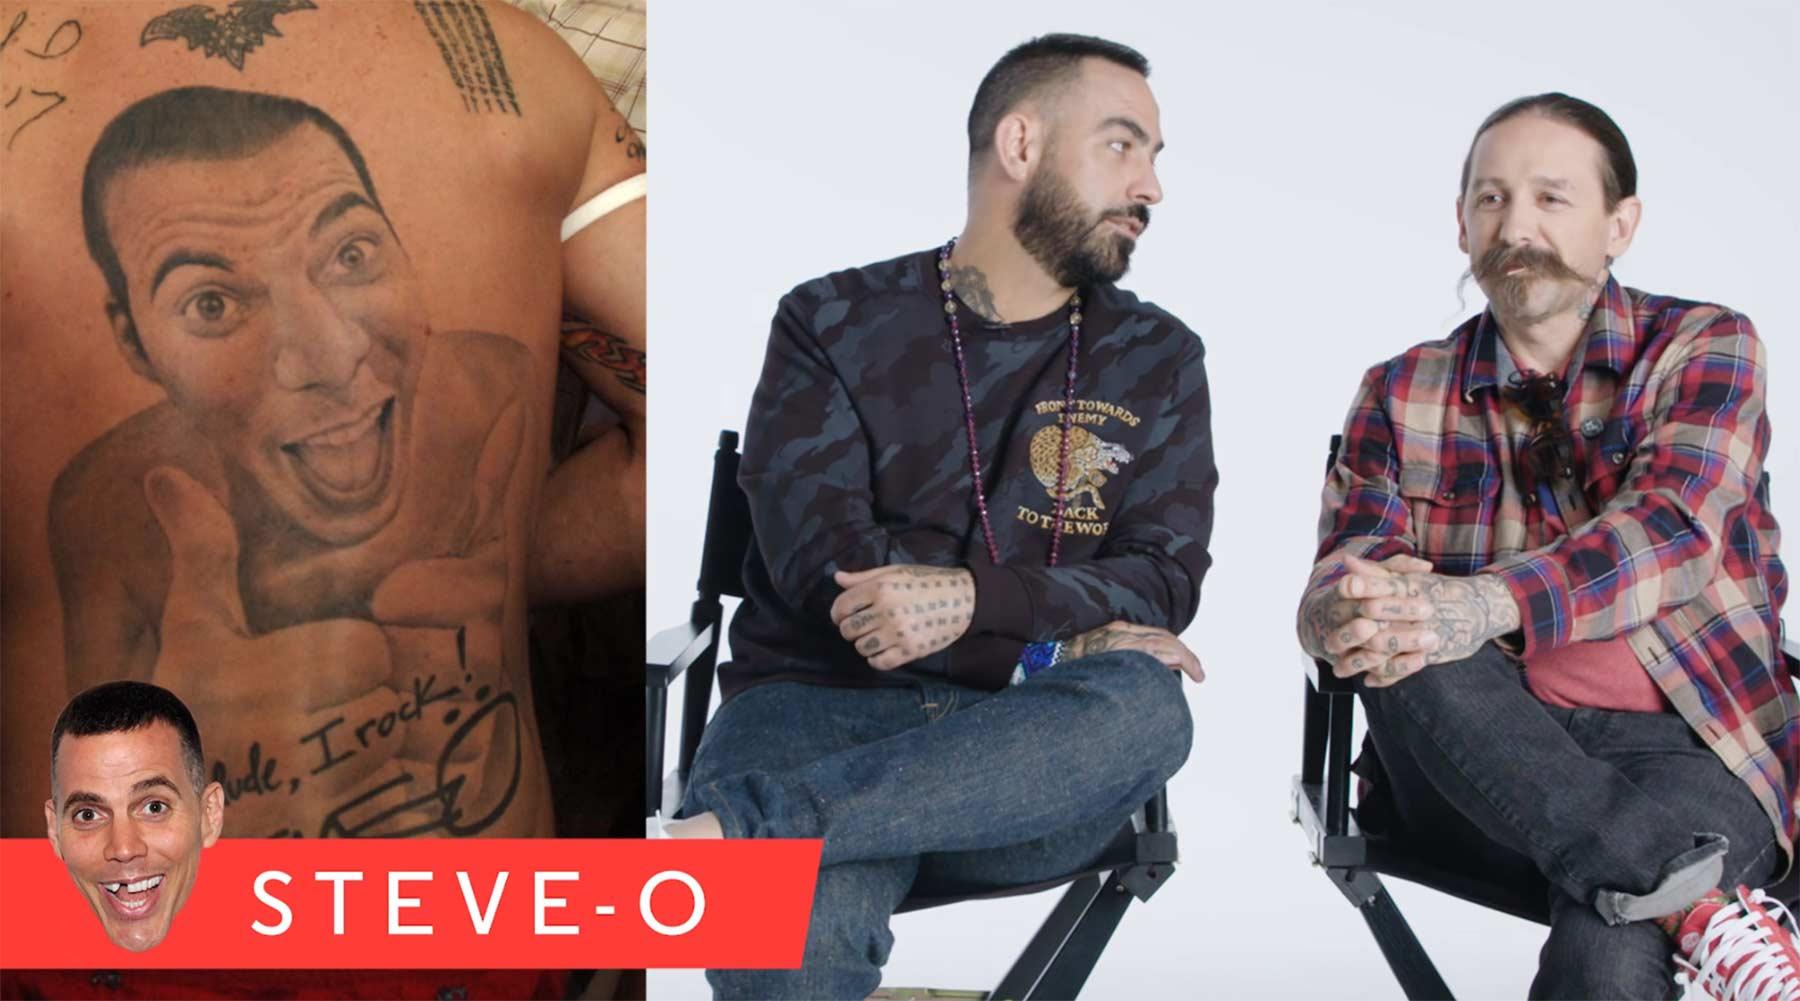 Das sagen Profis über die Tattoos der Stars tattoo-artists-critique-celebrities